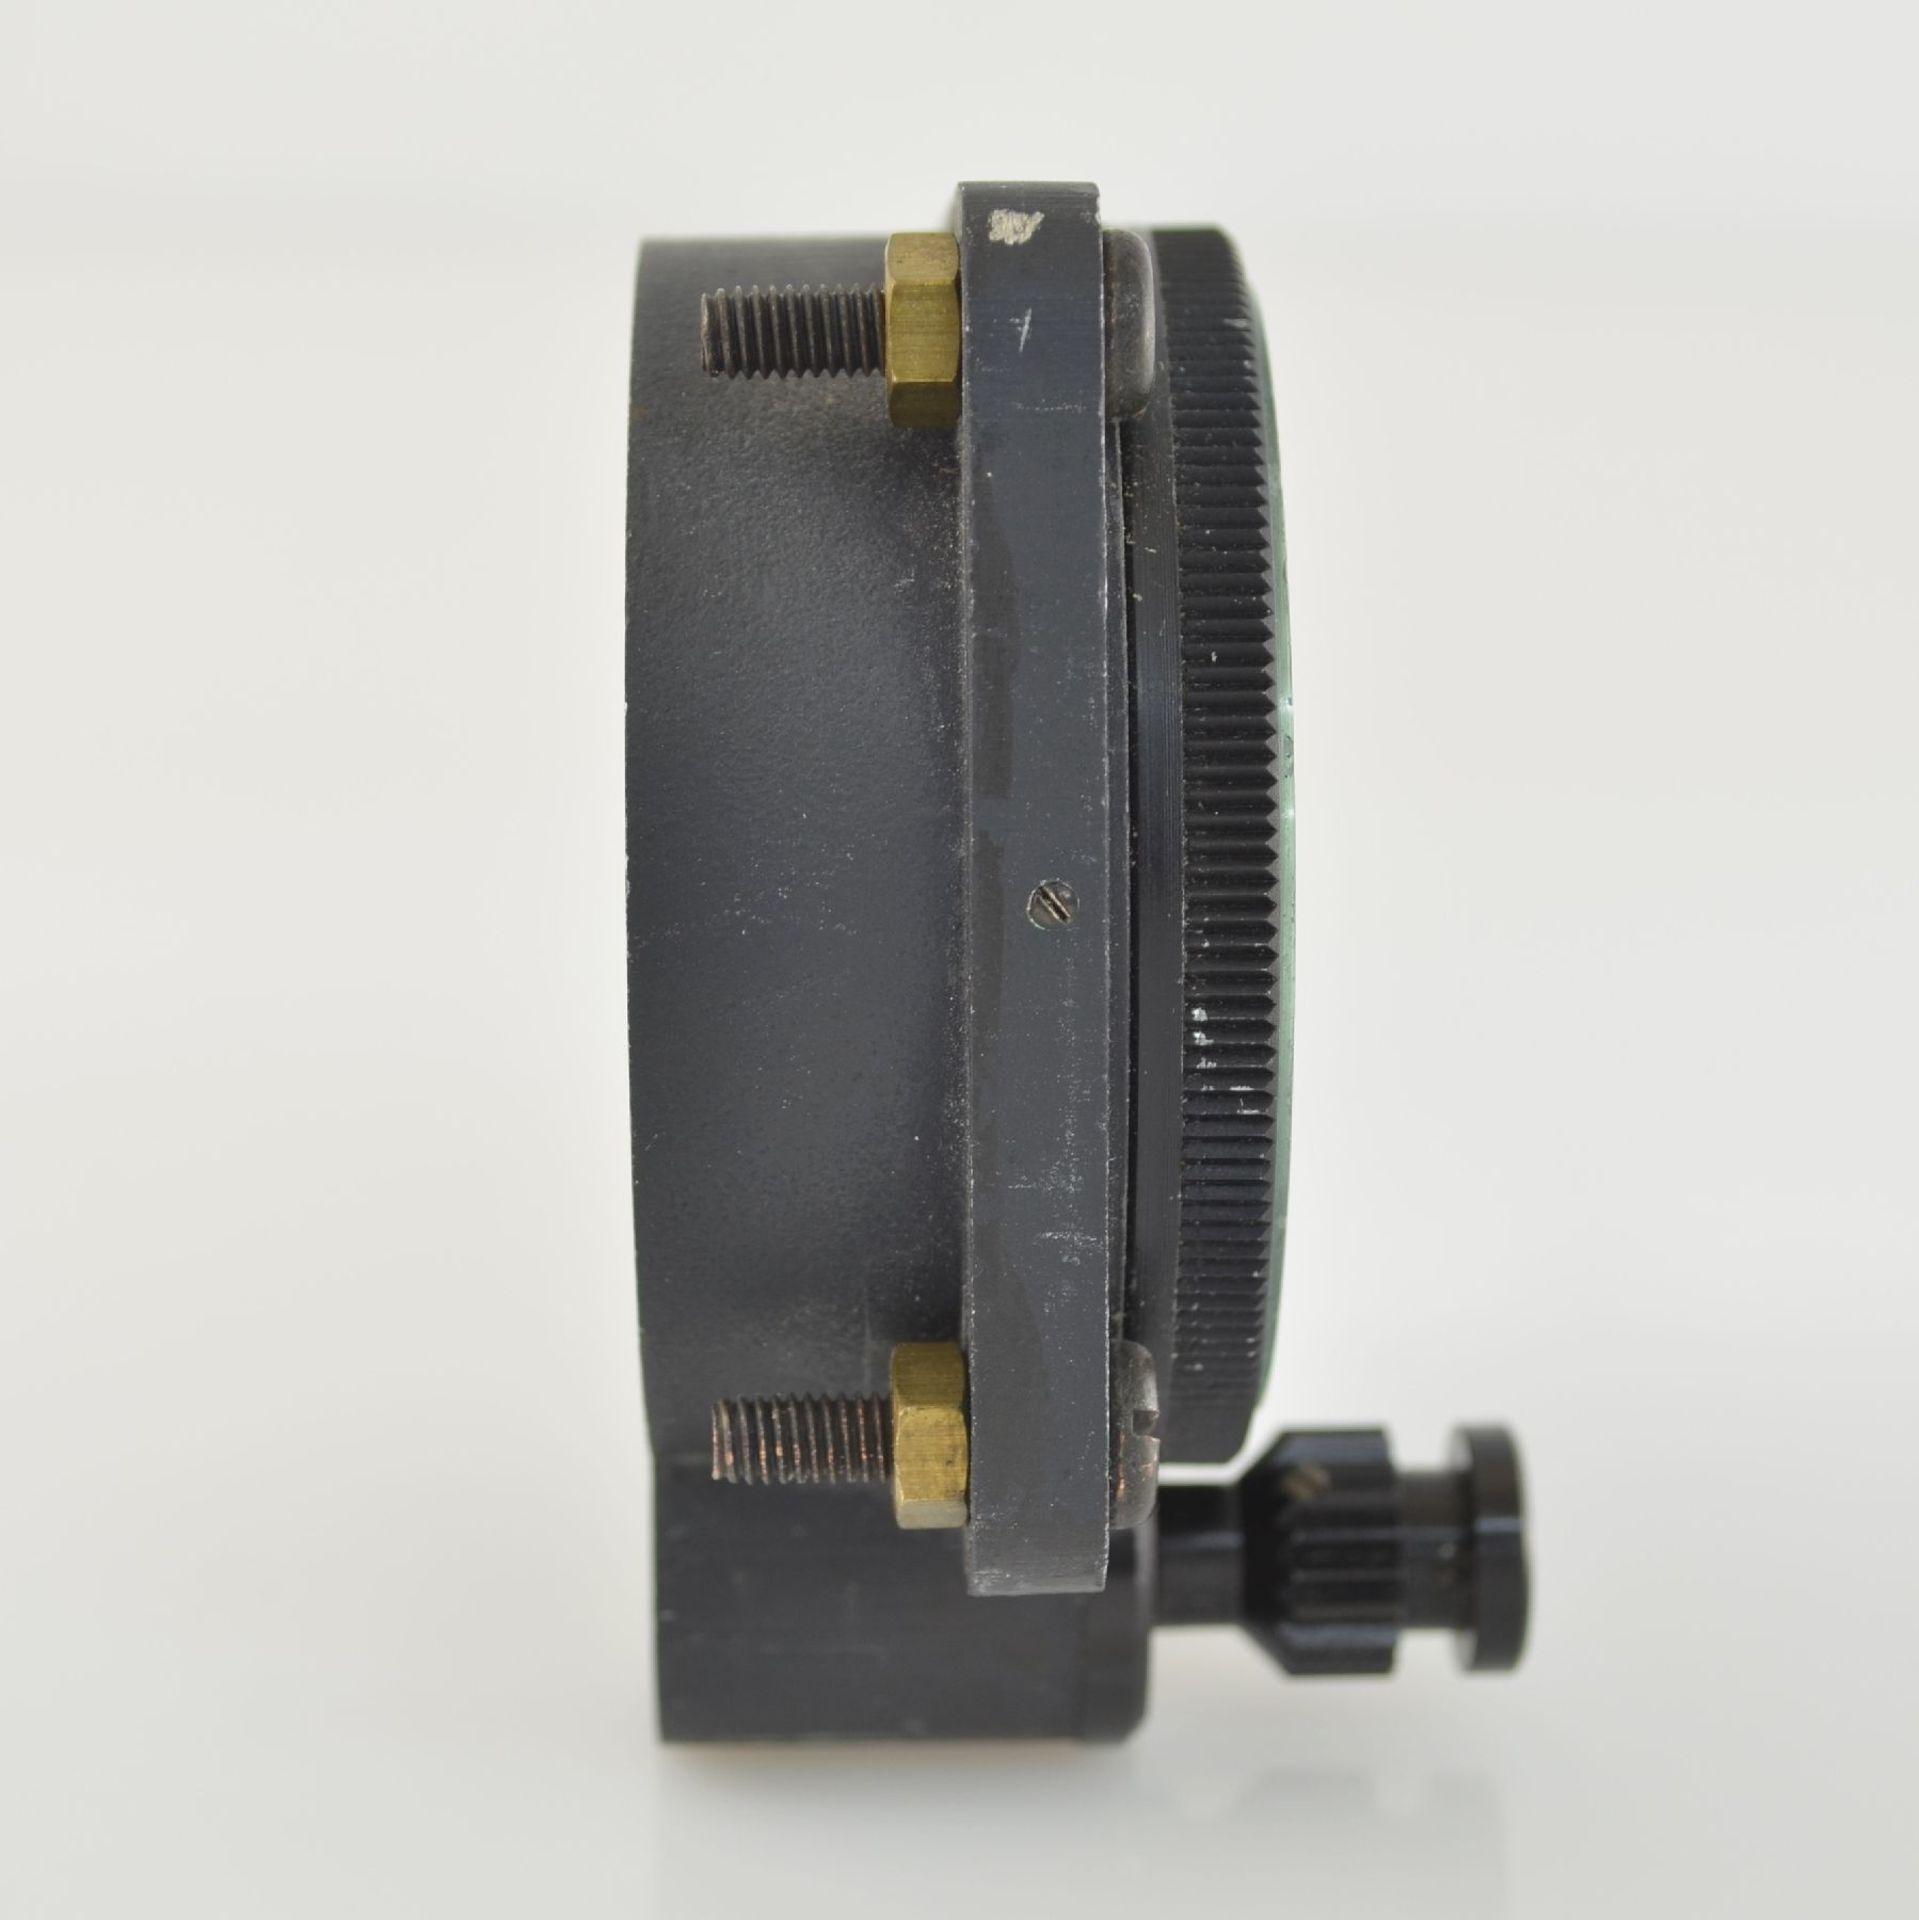 SPORTING TYPE 11 Borduhr mit Chronograph (Dashboard), Schweiz um 1970, geschwärztes Metallgeh., - Bild 3 aus 7